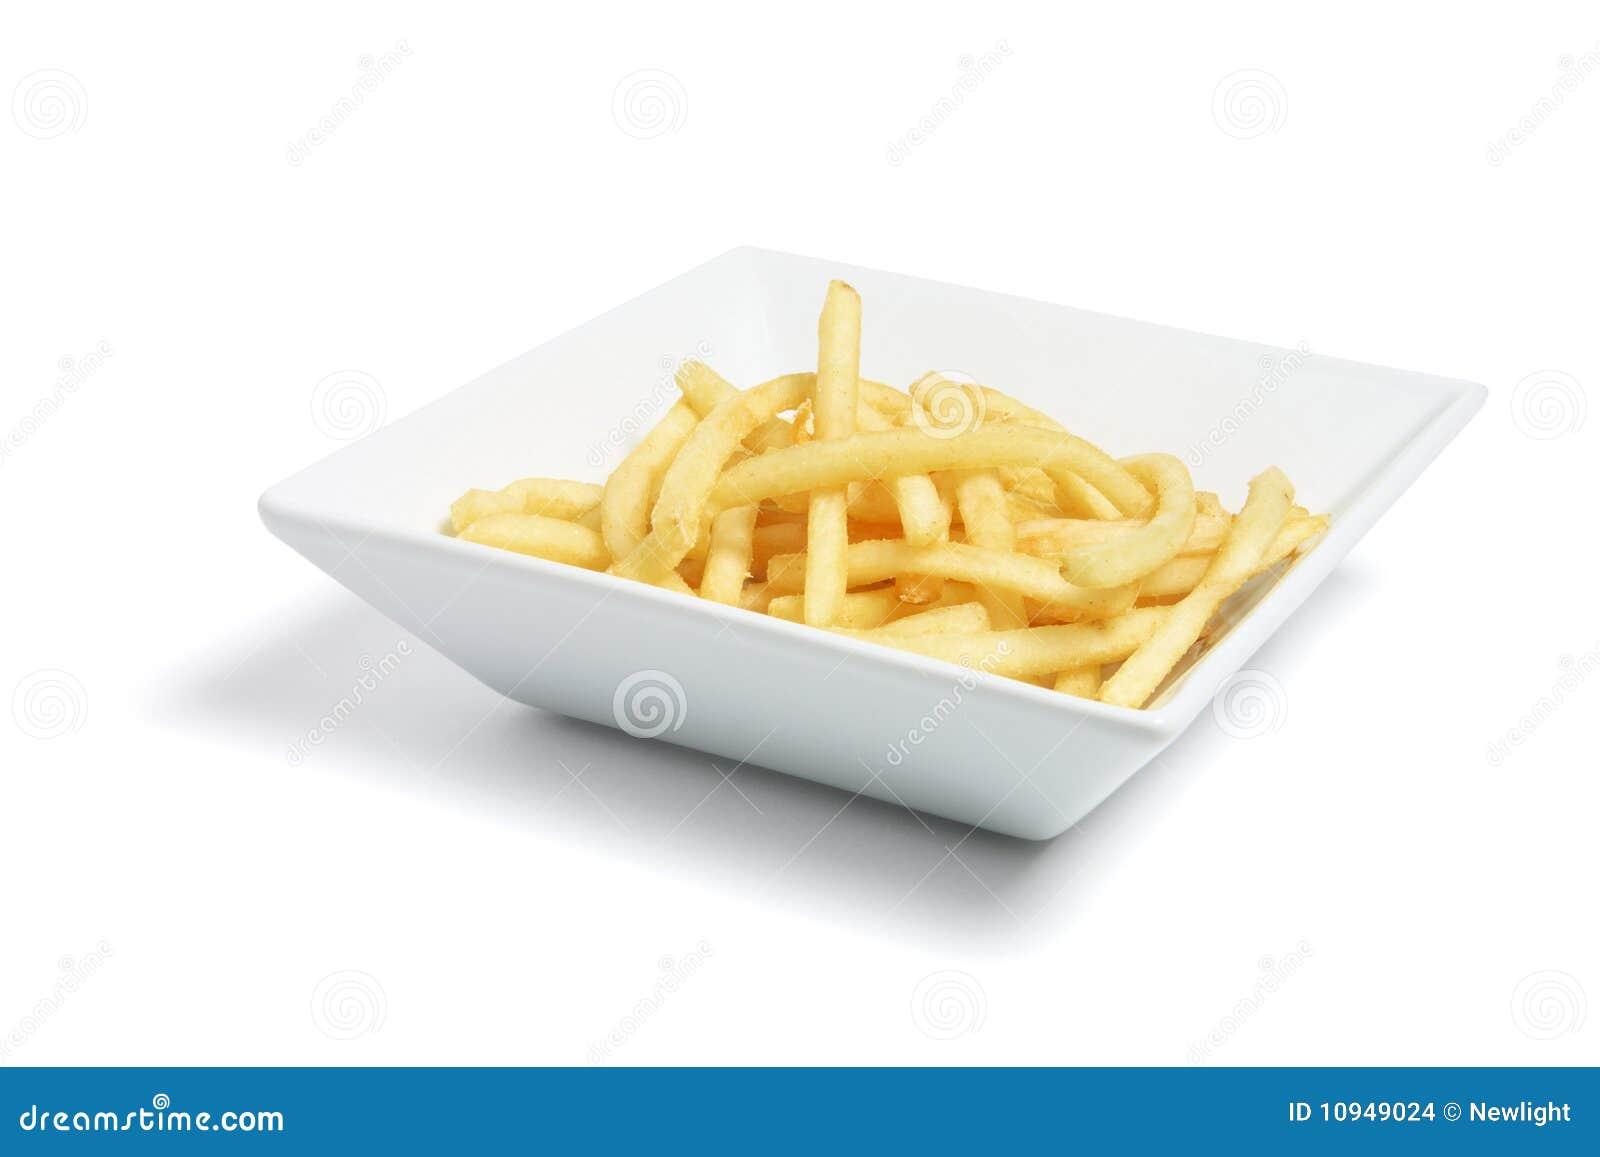 Placa de fritadas francesas